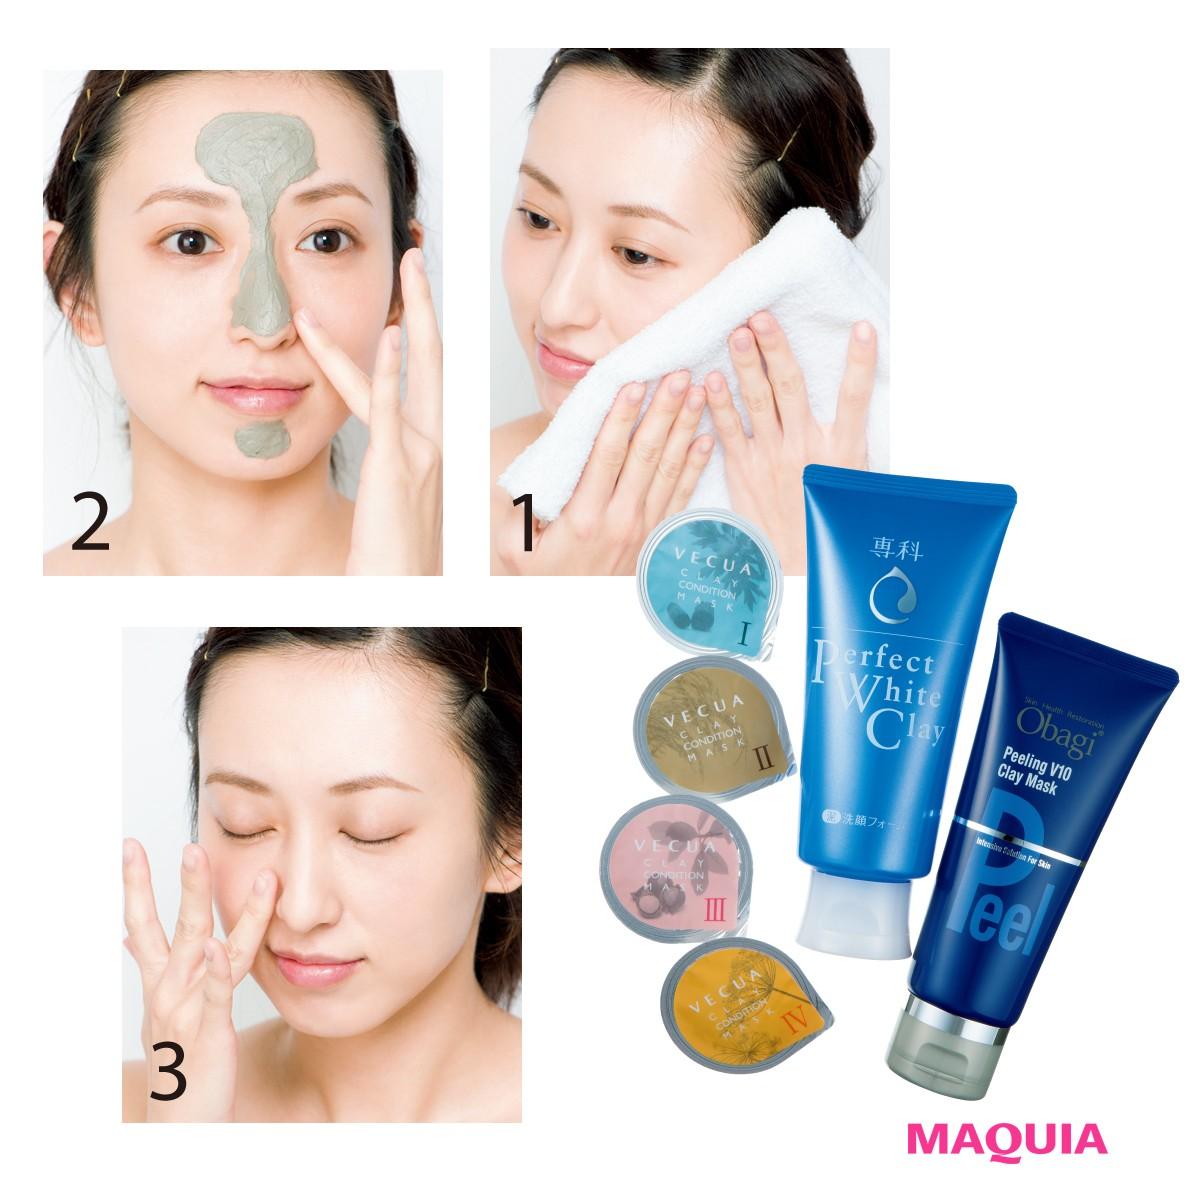 毛穴づまりは洗顔で撃退! 正しい洗い方と洗顔料選びを教えます